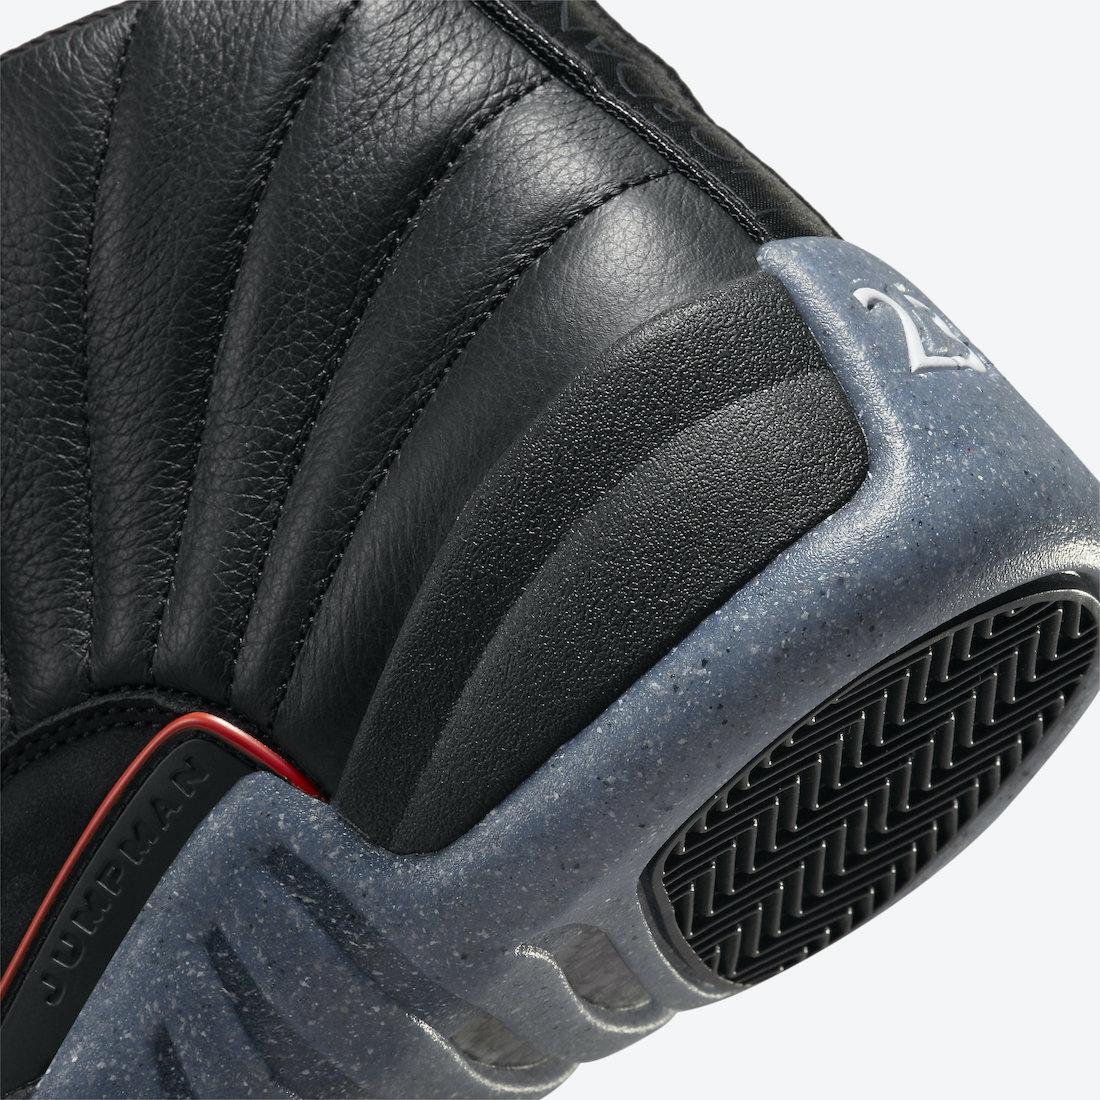 Air-Jordan-12-Utility-Black-DC1062-006-Release-Date-Price-7